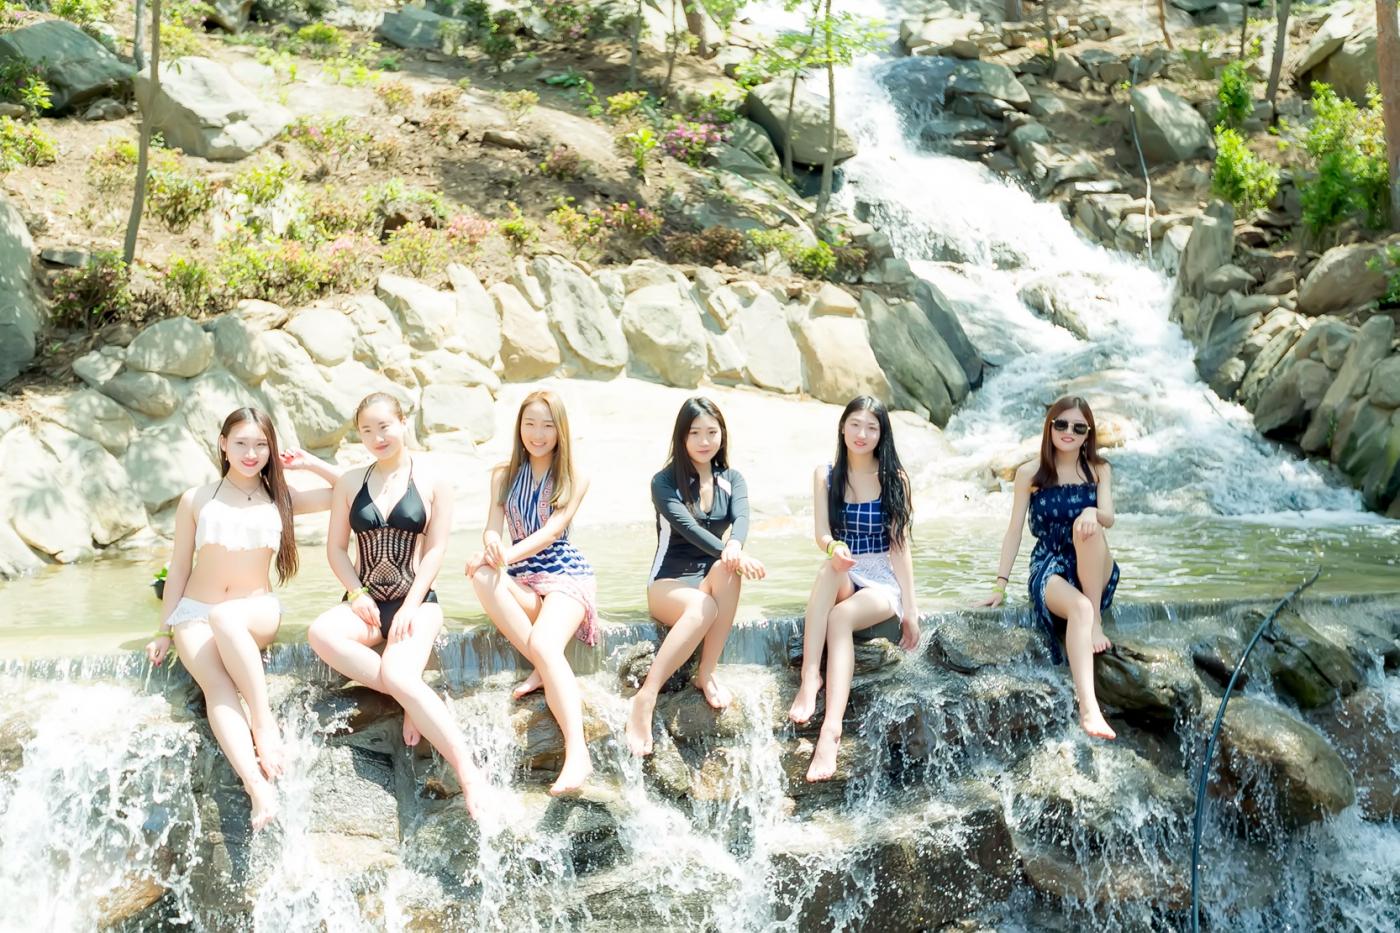 在临沂蒙山康谷温泉 与22位泳装女孩相遇在这里_图1-24